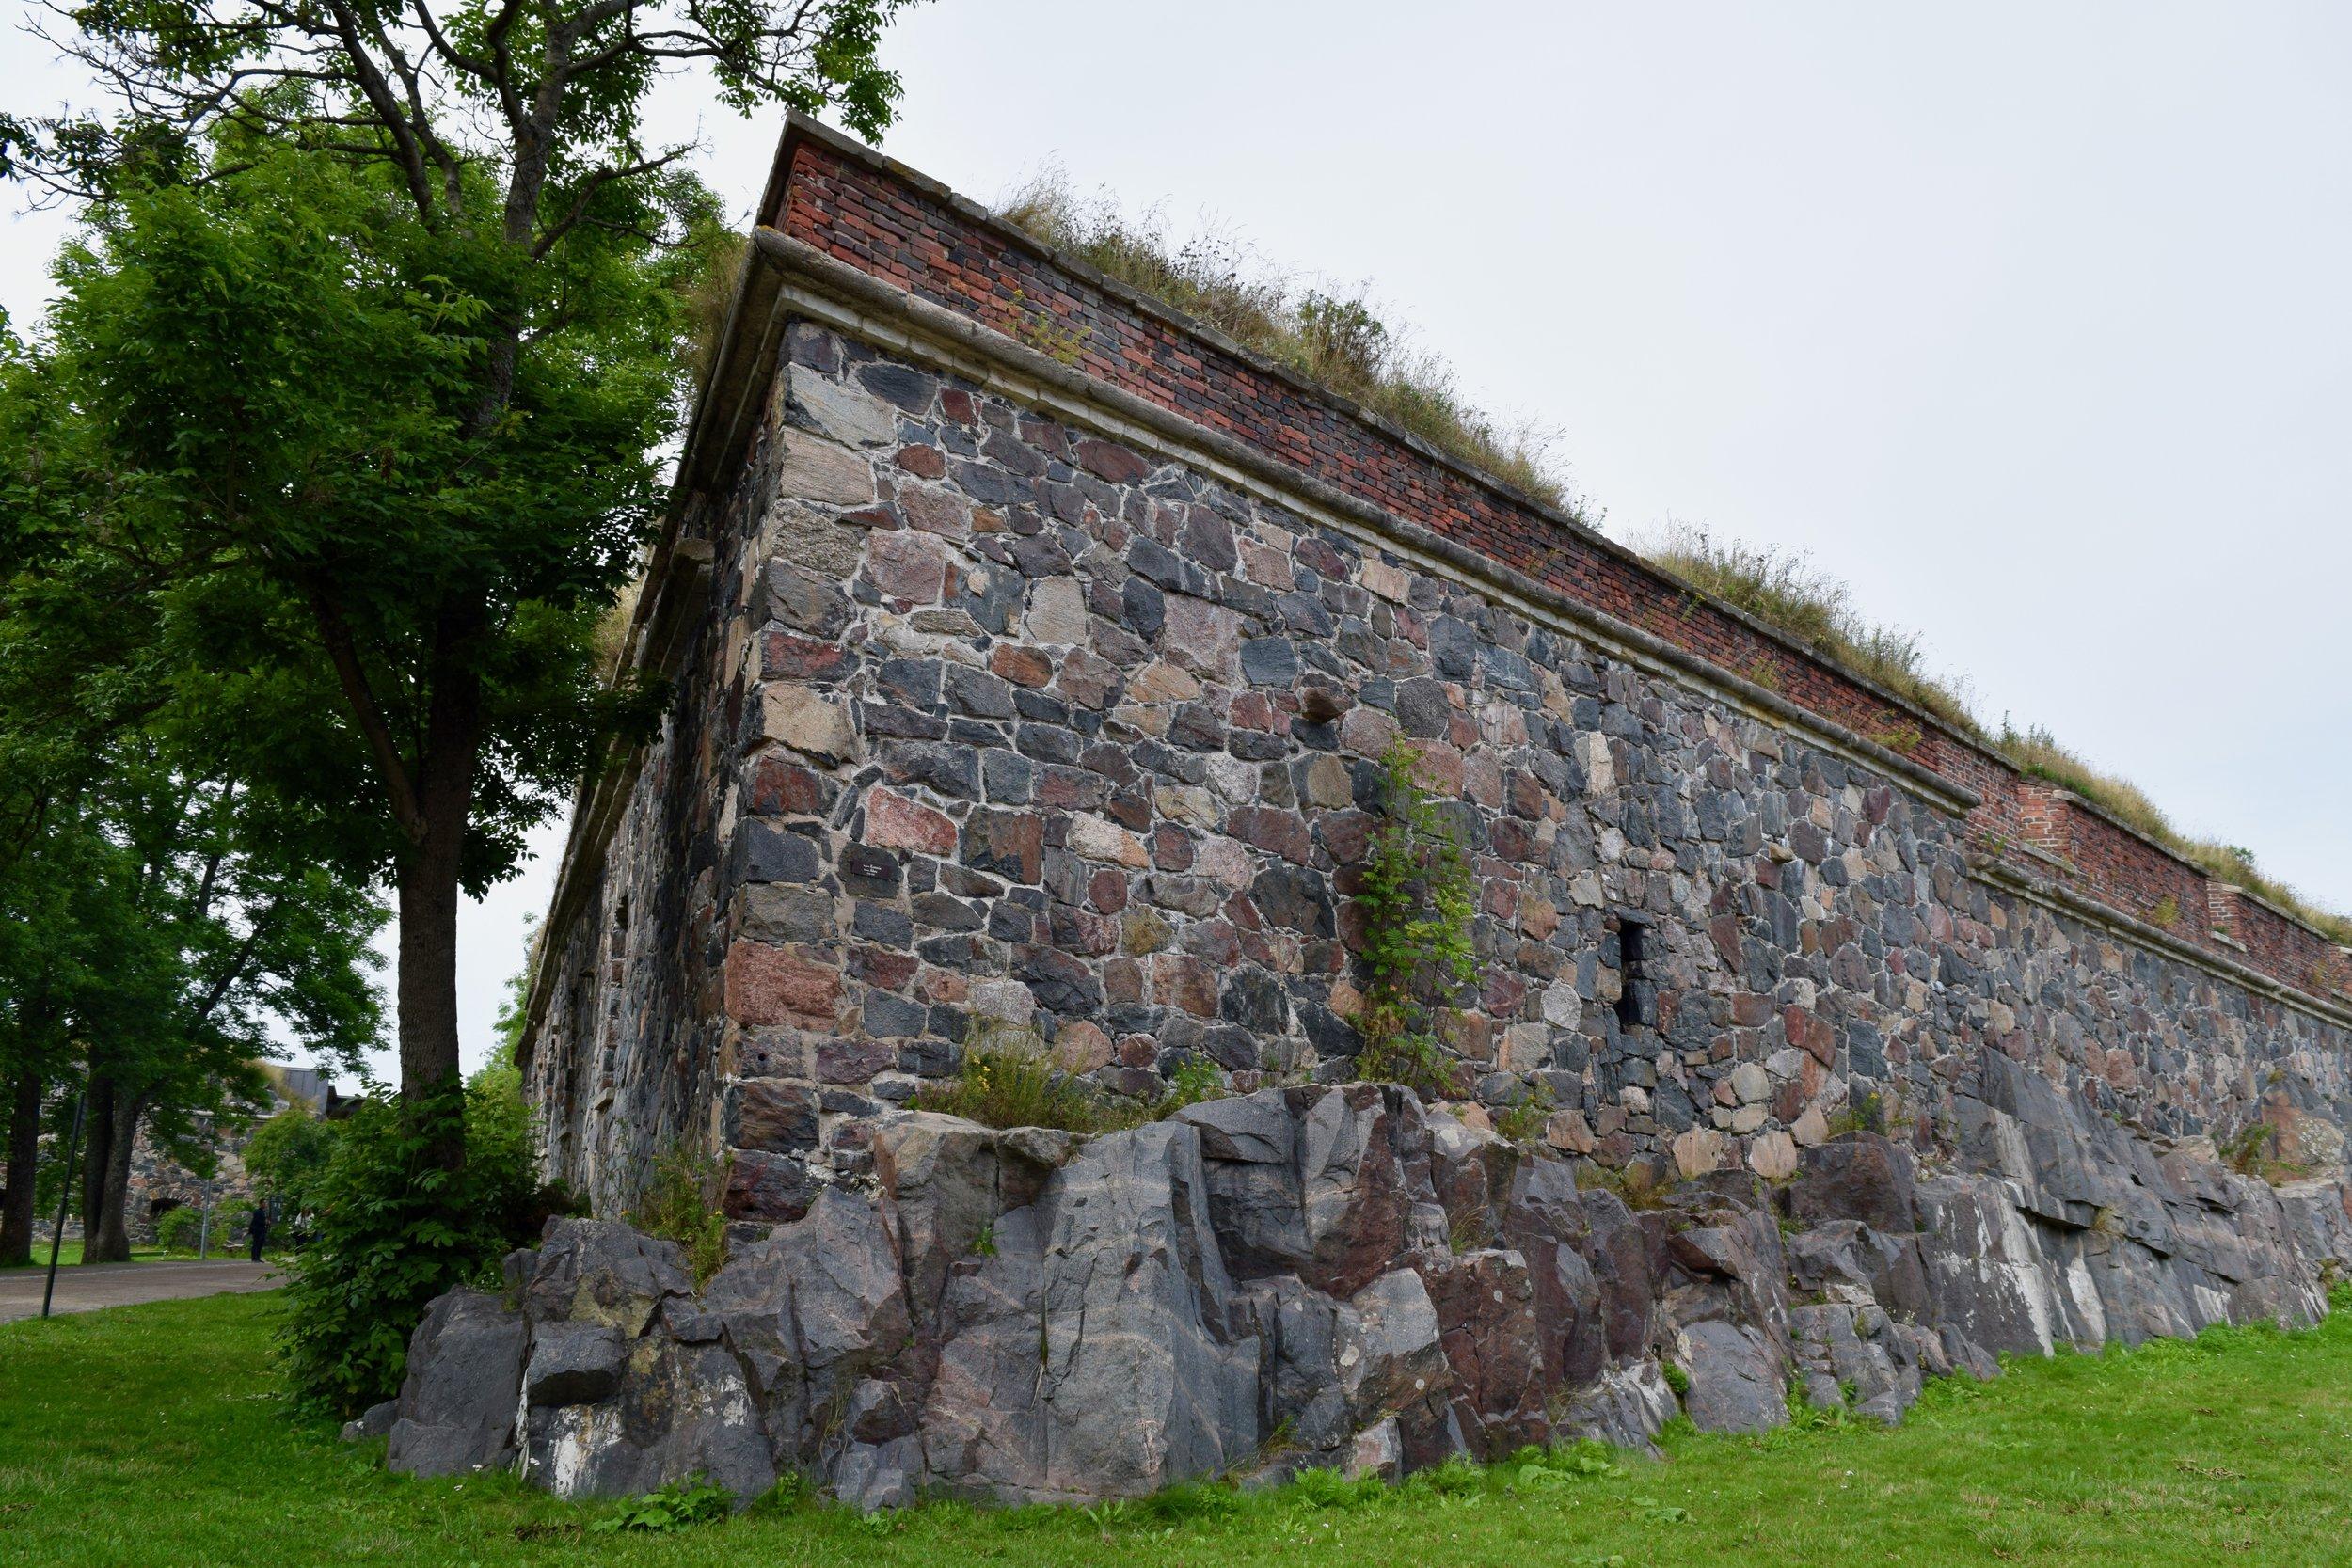 Fortress in Suomenlinna